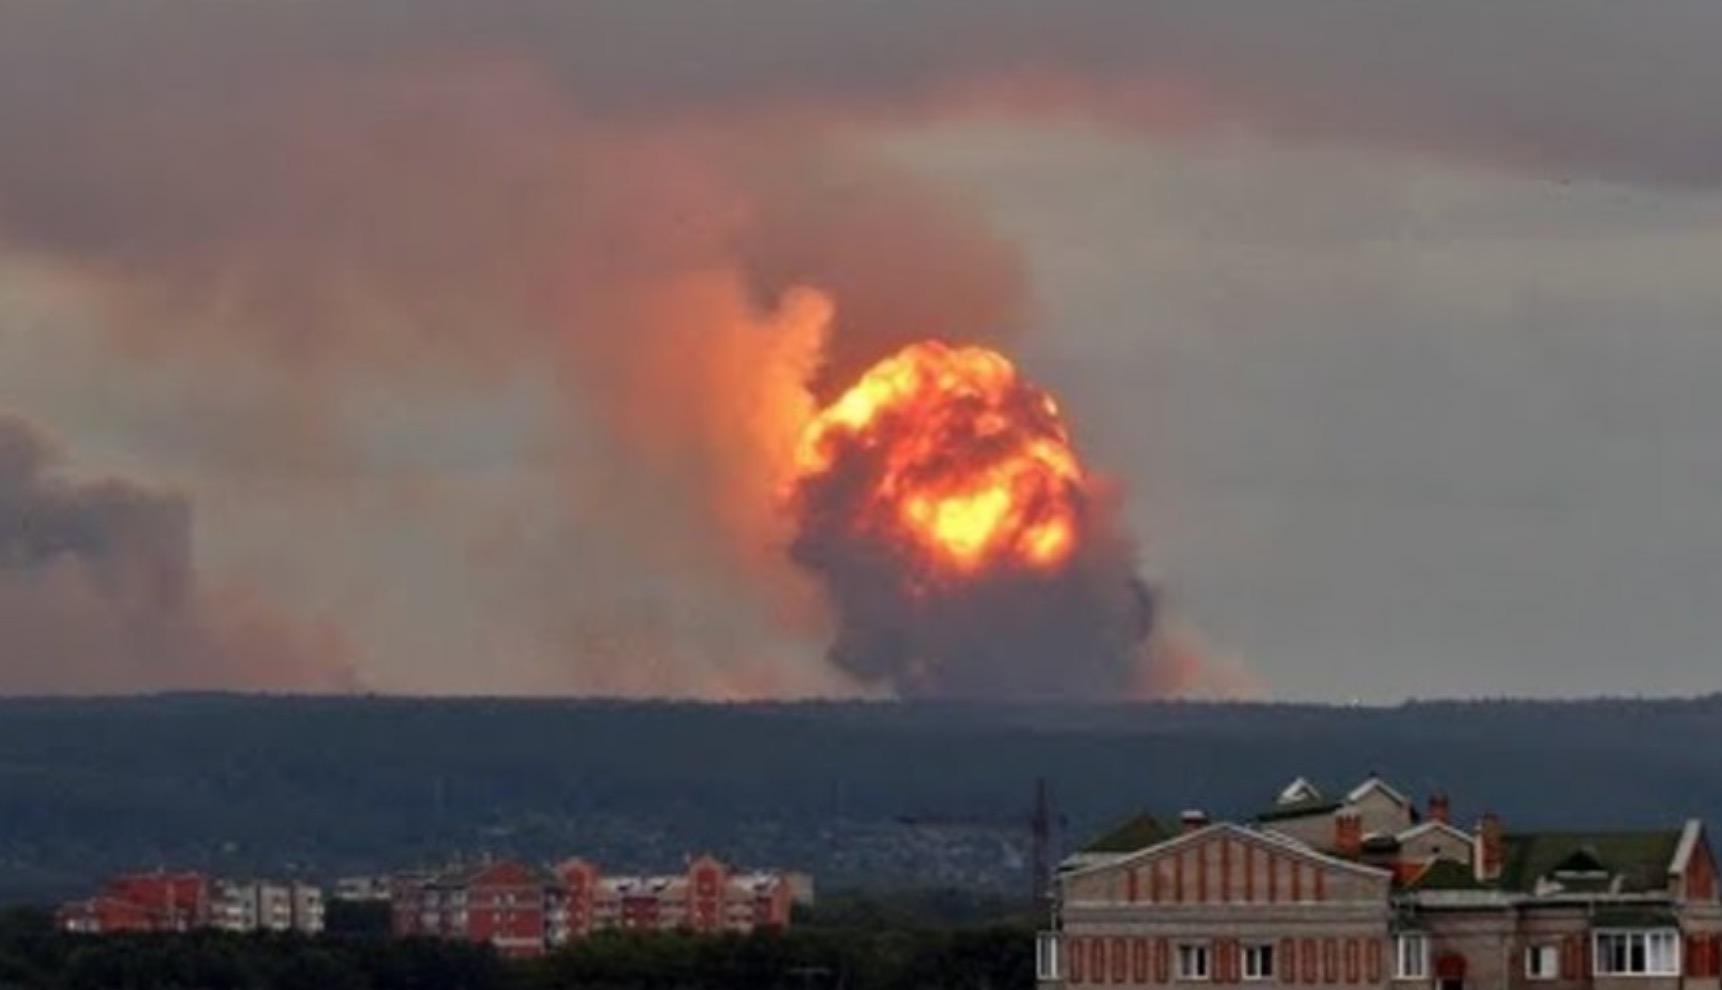 """""""Осколочные и взрывные ранения"""", - в Мурманской области РФ прогремел мощный взрыв на полигоне, есть тяжелораненые"""